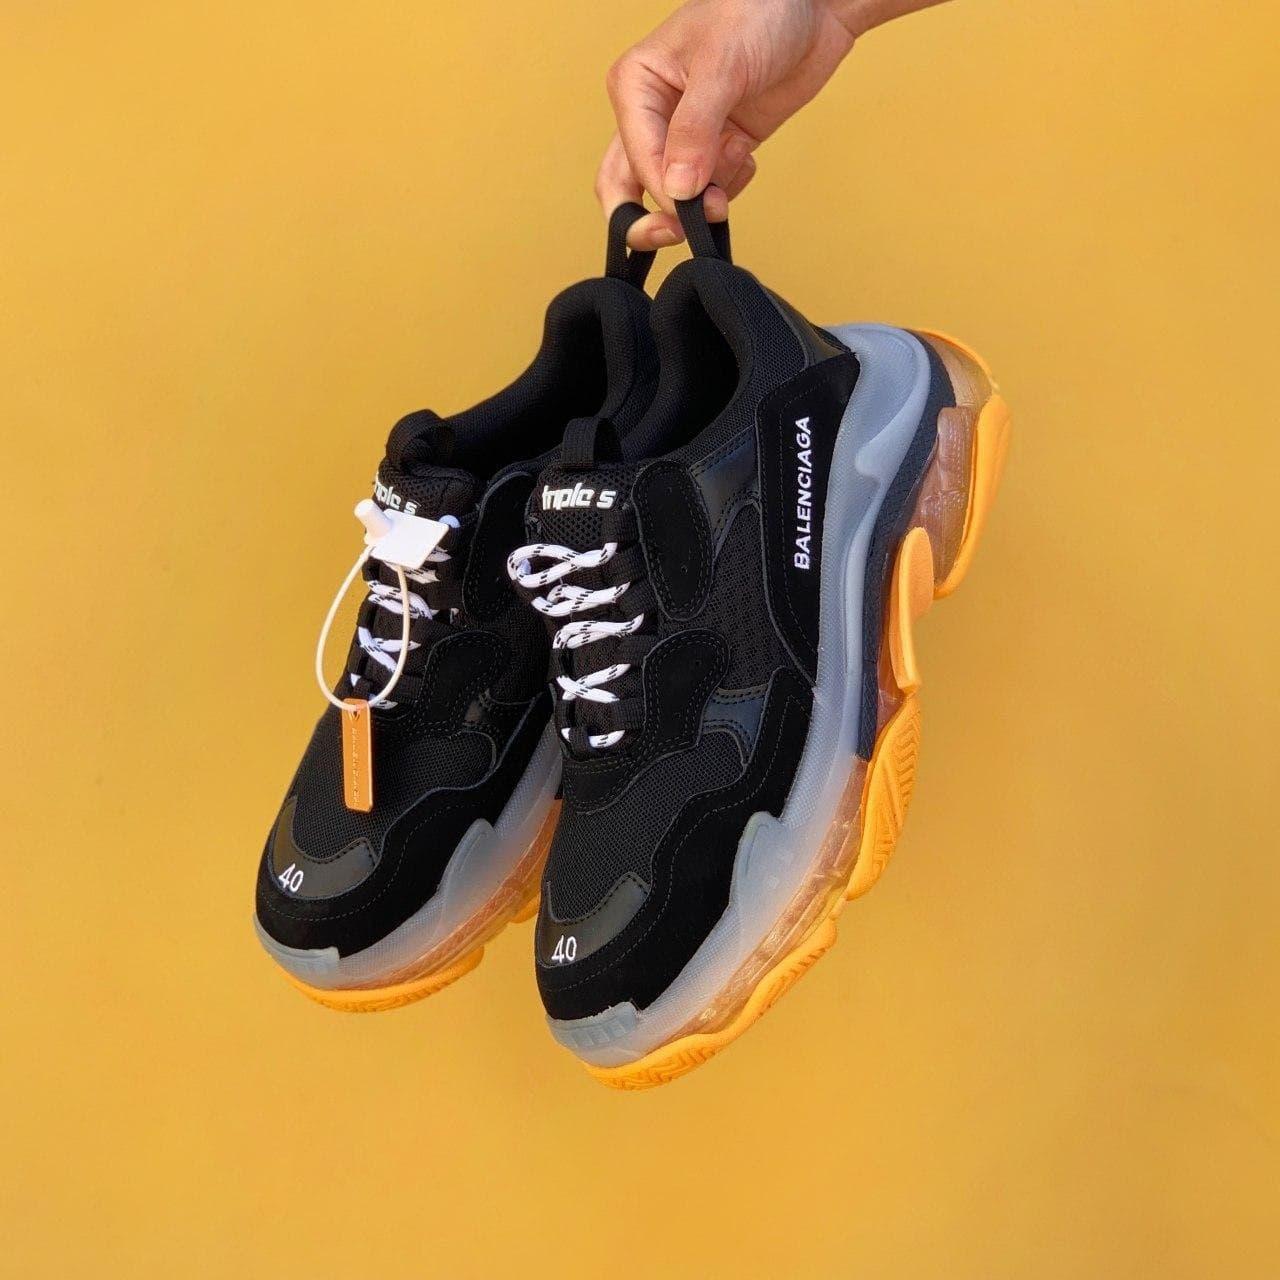 Жіночі Кросівки Balenciaga Triple S Clear sole yellow/black